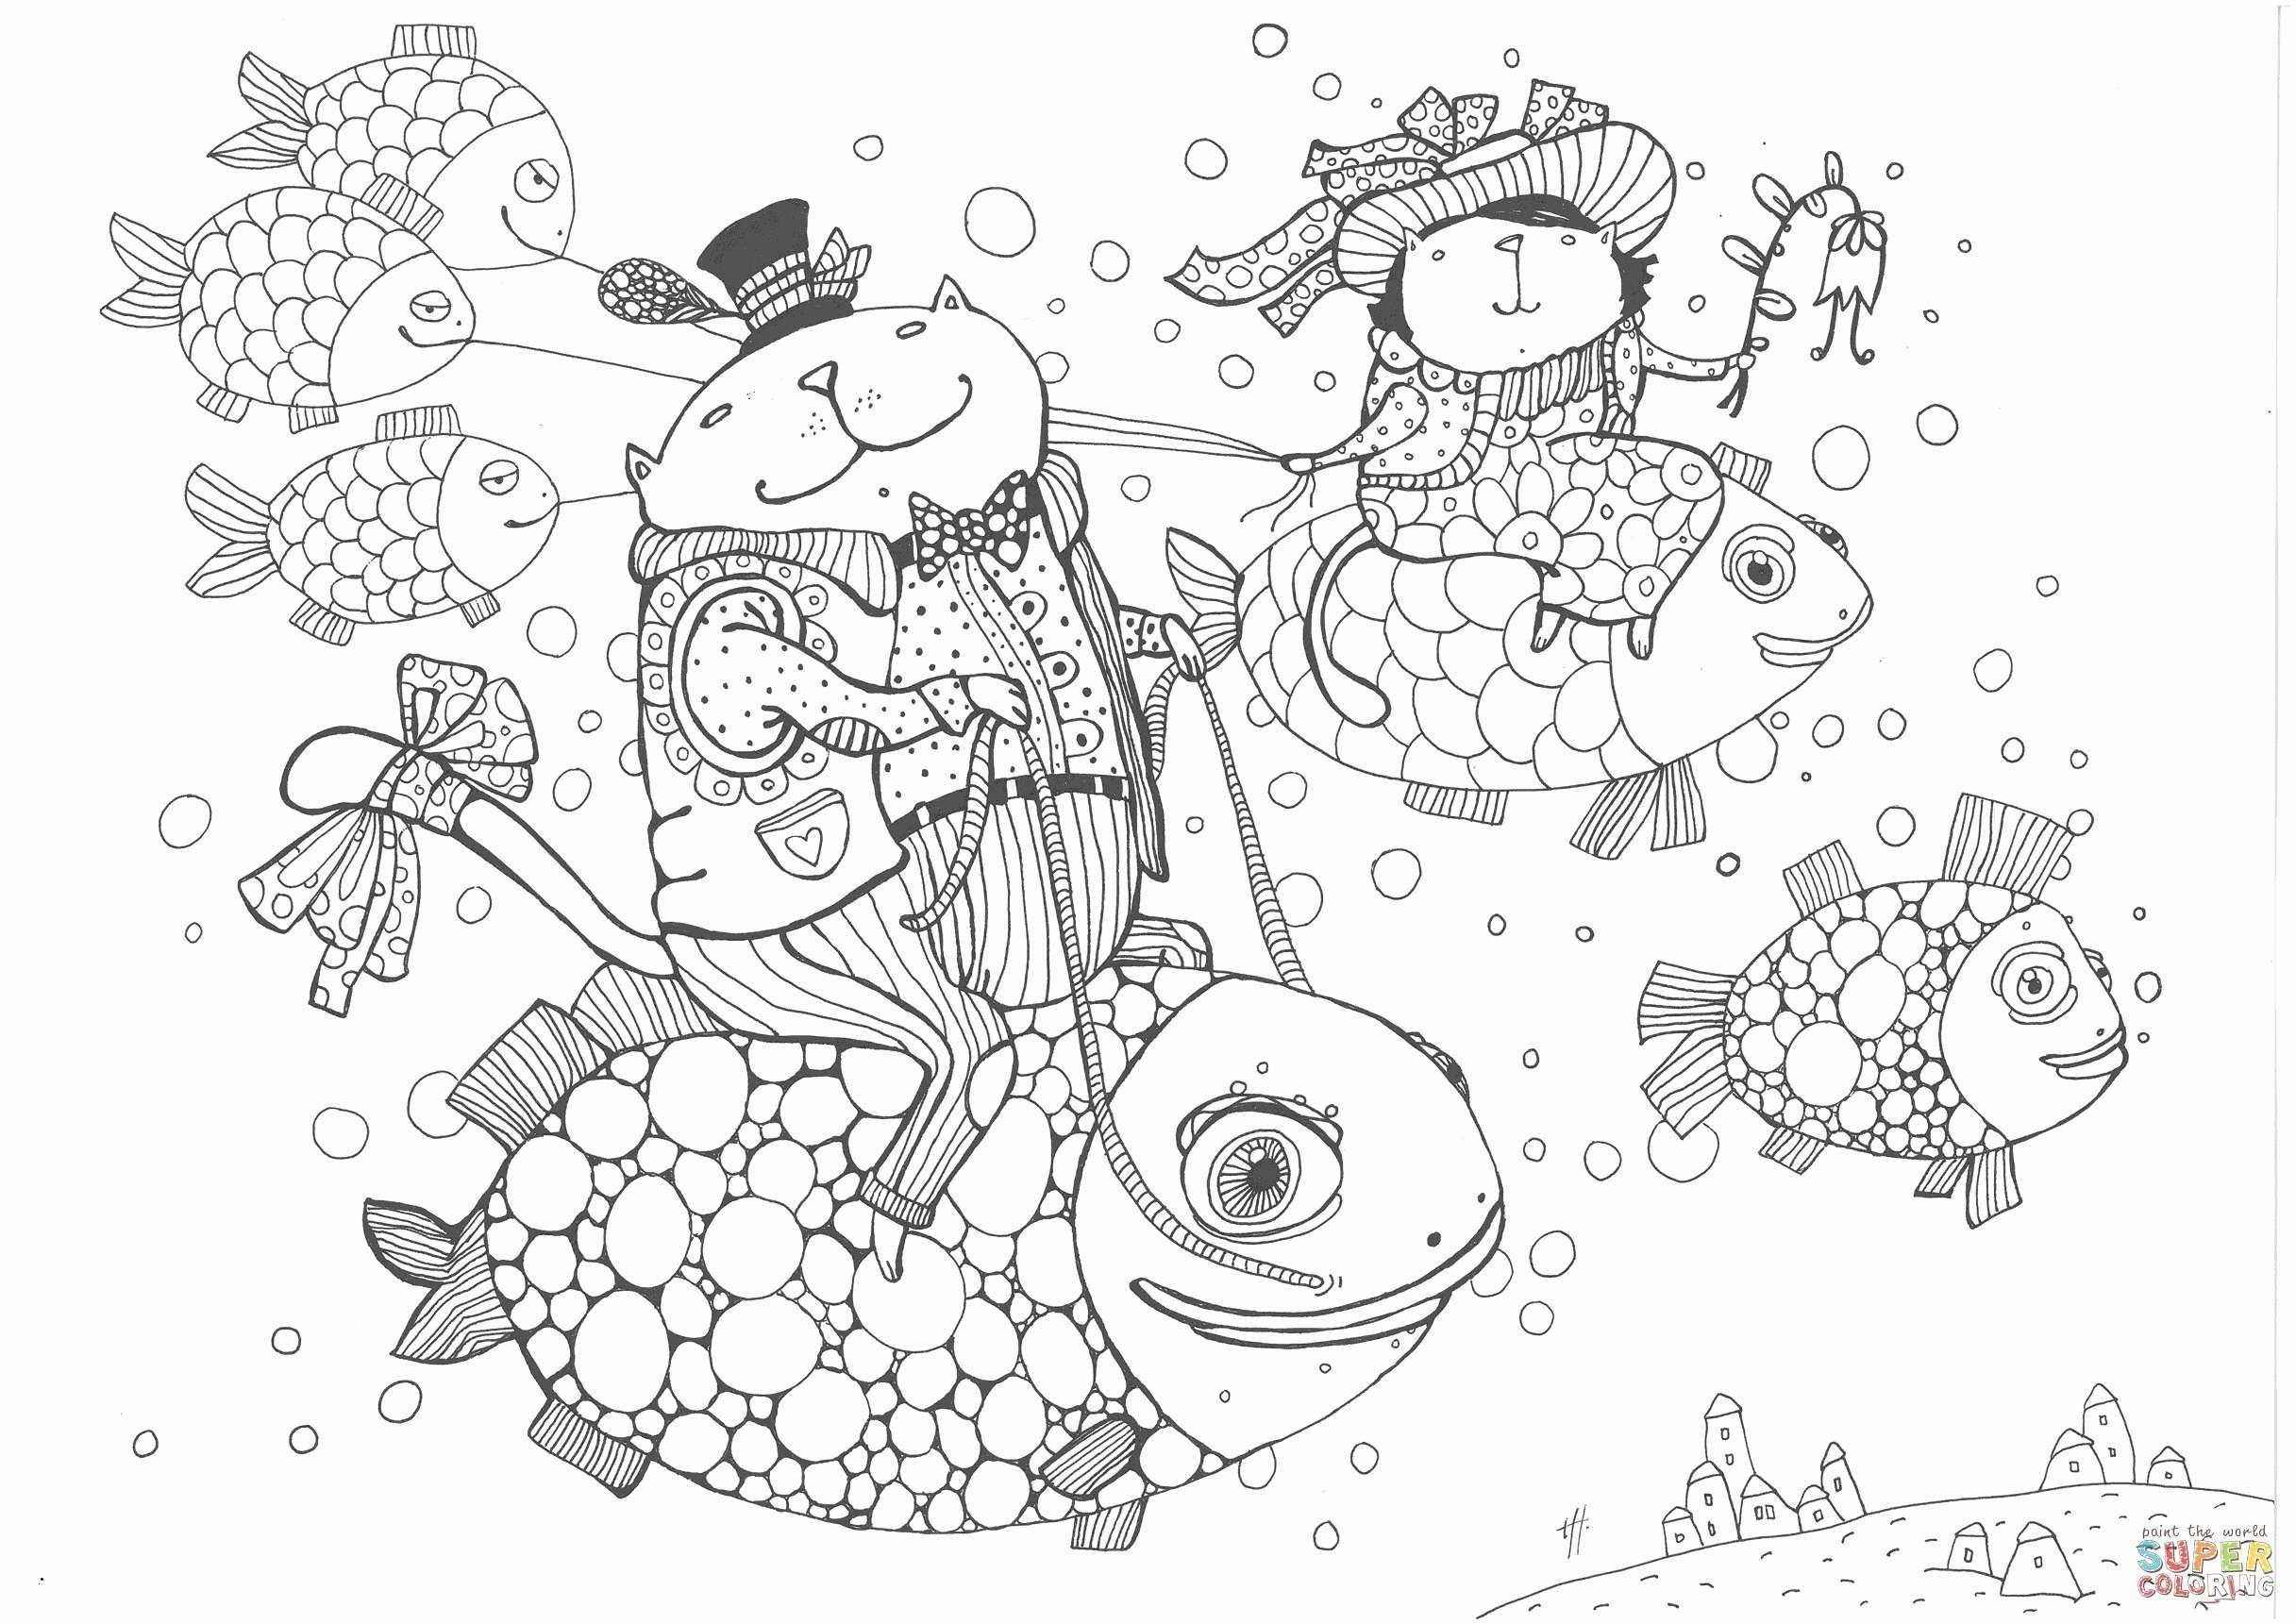 Sendung Mit Der Maus Ausmalbilder Das Beste Von Malvorlagen Igel Inspirierend Igel Grundschule 0d Archives Schön Das Bild